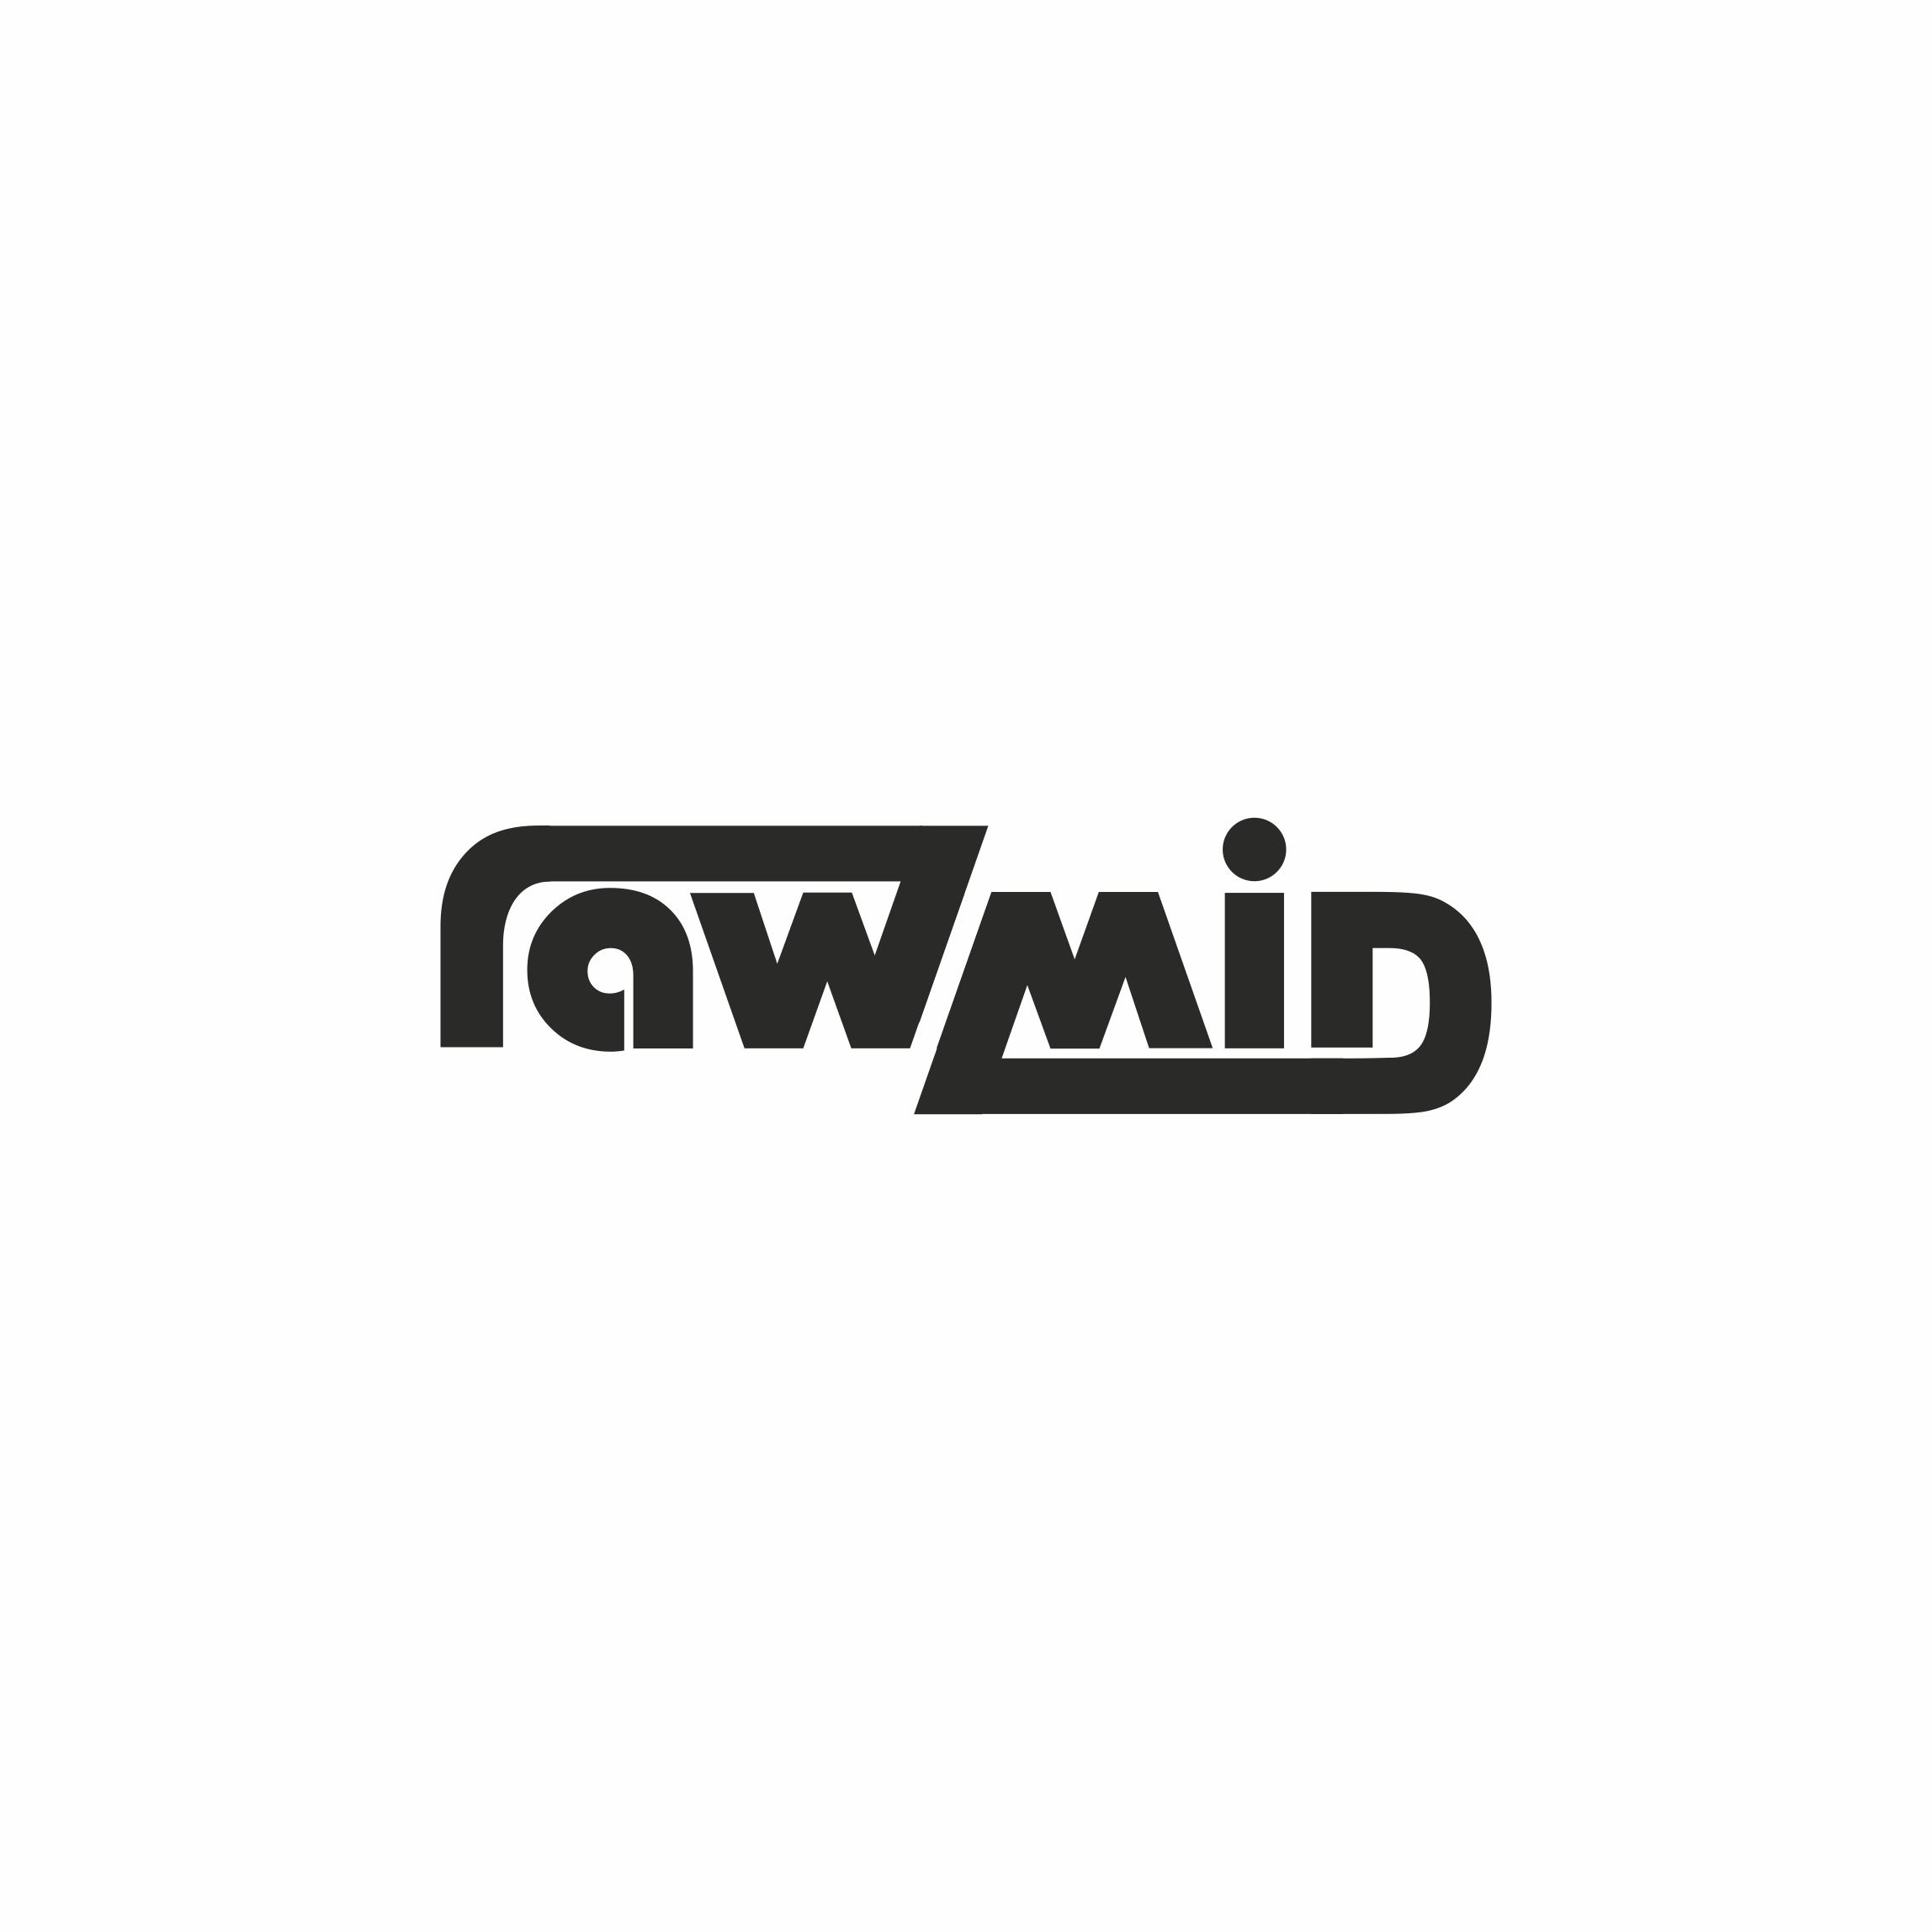 Создать логотип (буквенная часть) для бренда бытовой техники фото f_2725b34e3ad0edaf.png